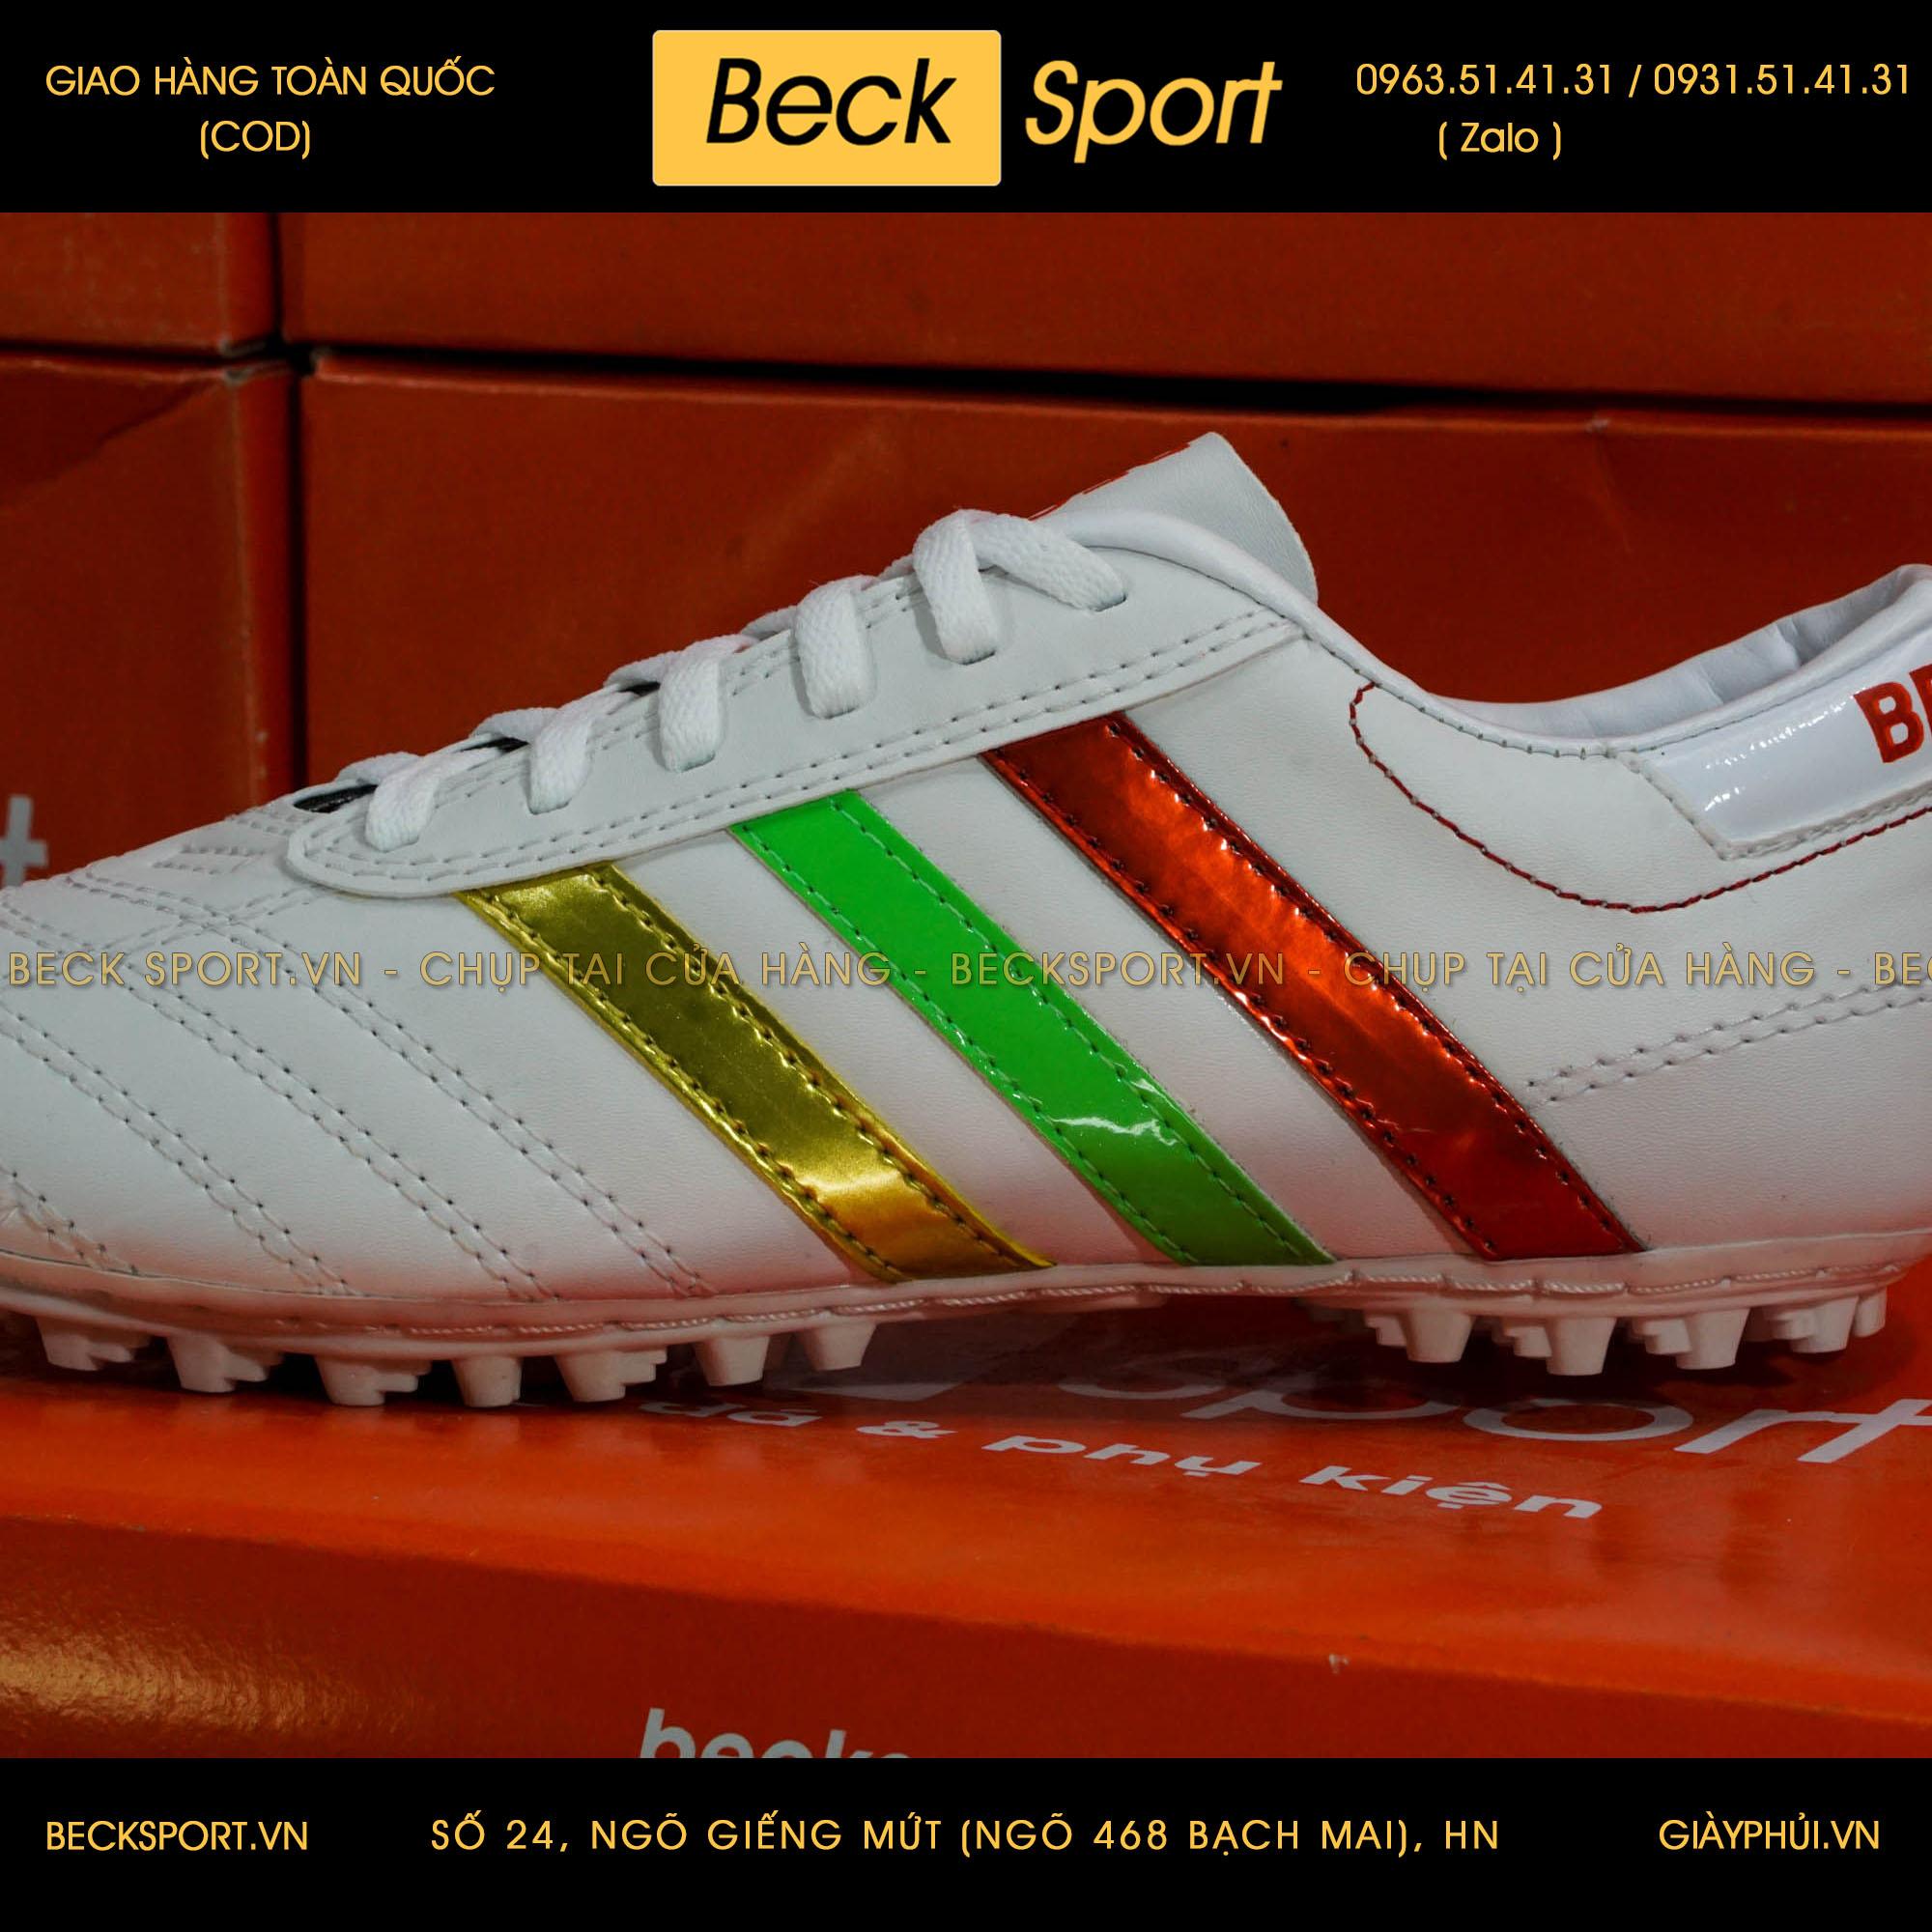 Giày Phủi 3 Sọc Loại 1 - Beck Quốc Kì Bồ Đào Nha